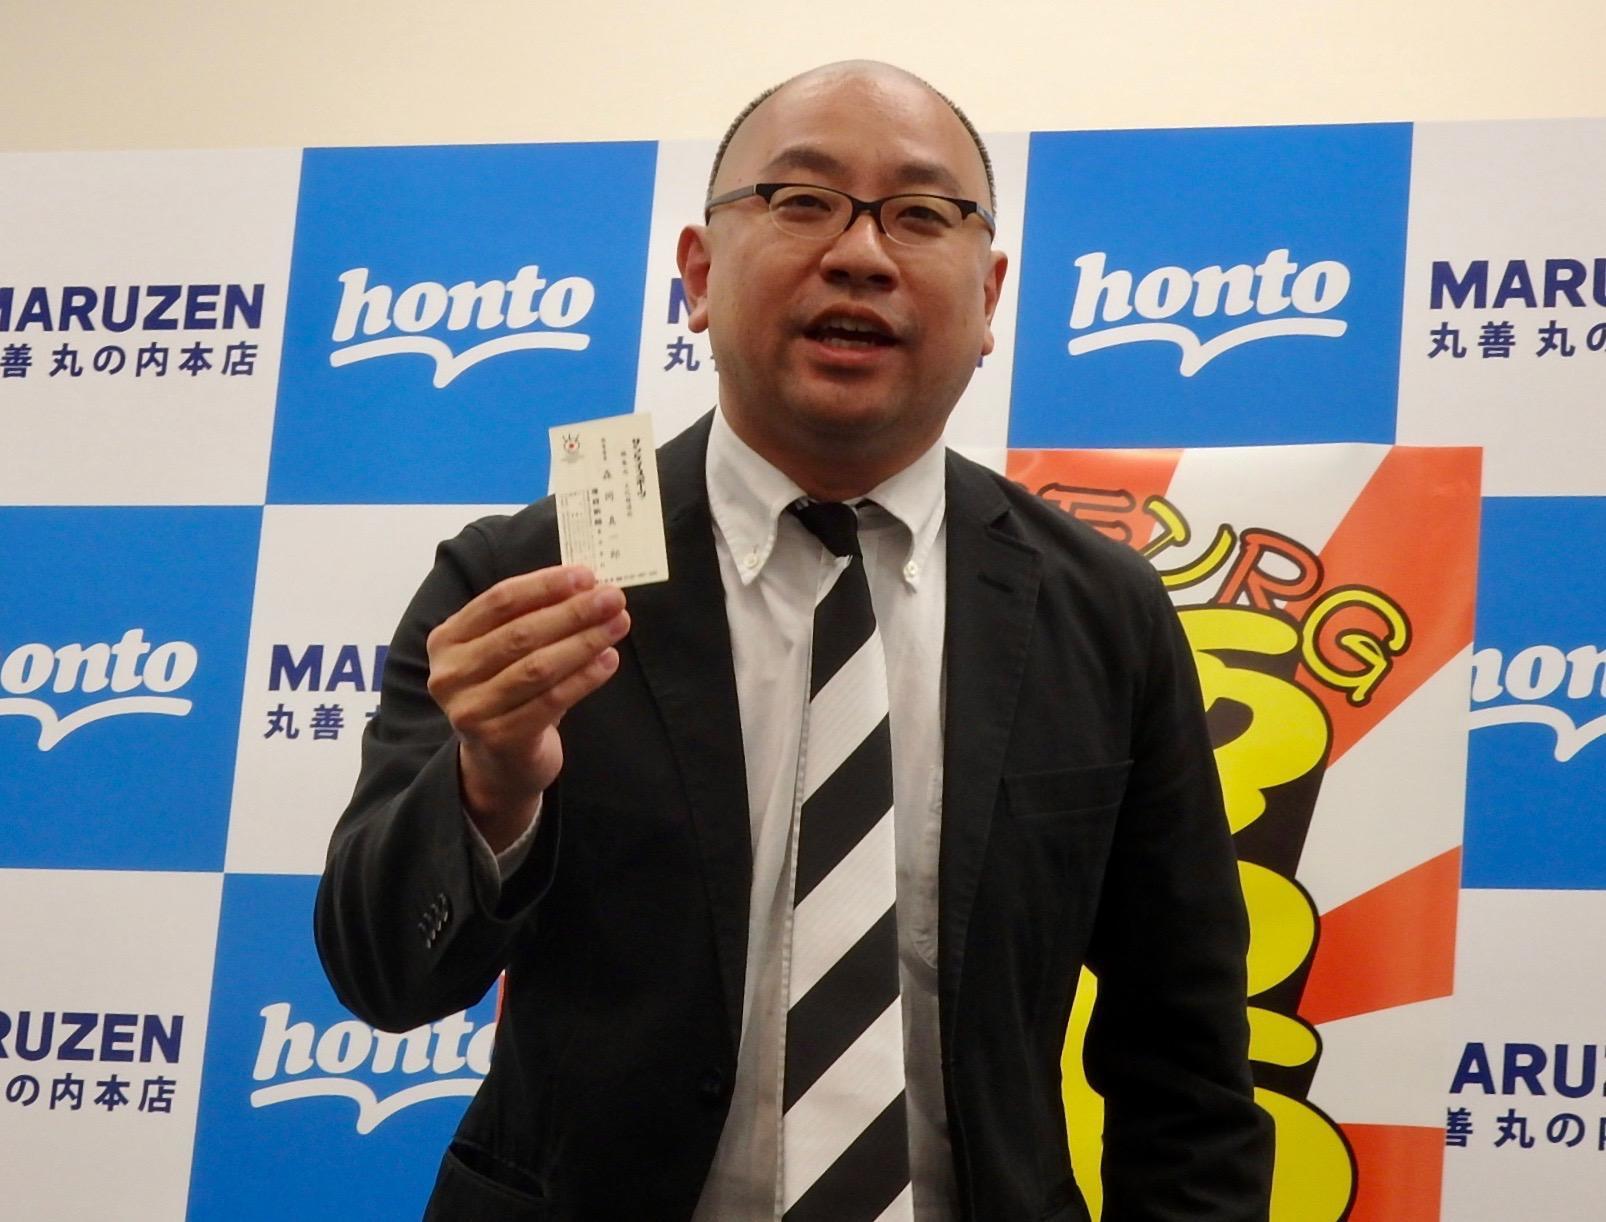 http://news.yoshimoto.co.jp/20180926231445-ab59e5cb12b86bfc94867ac4f0d6b3bc3b9880da.jpg